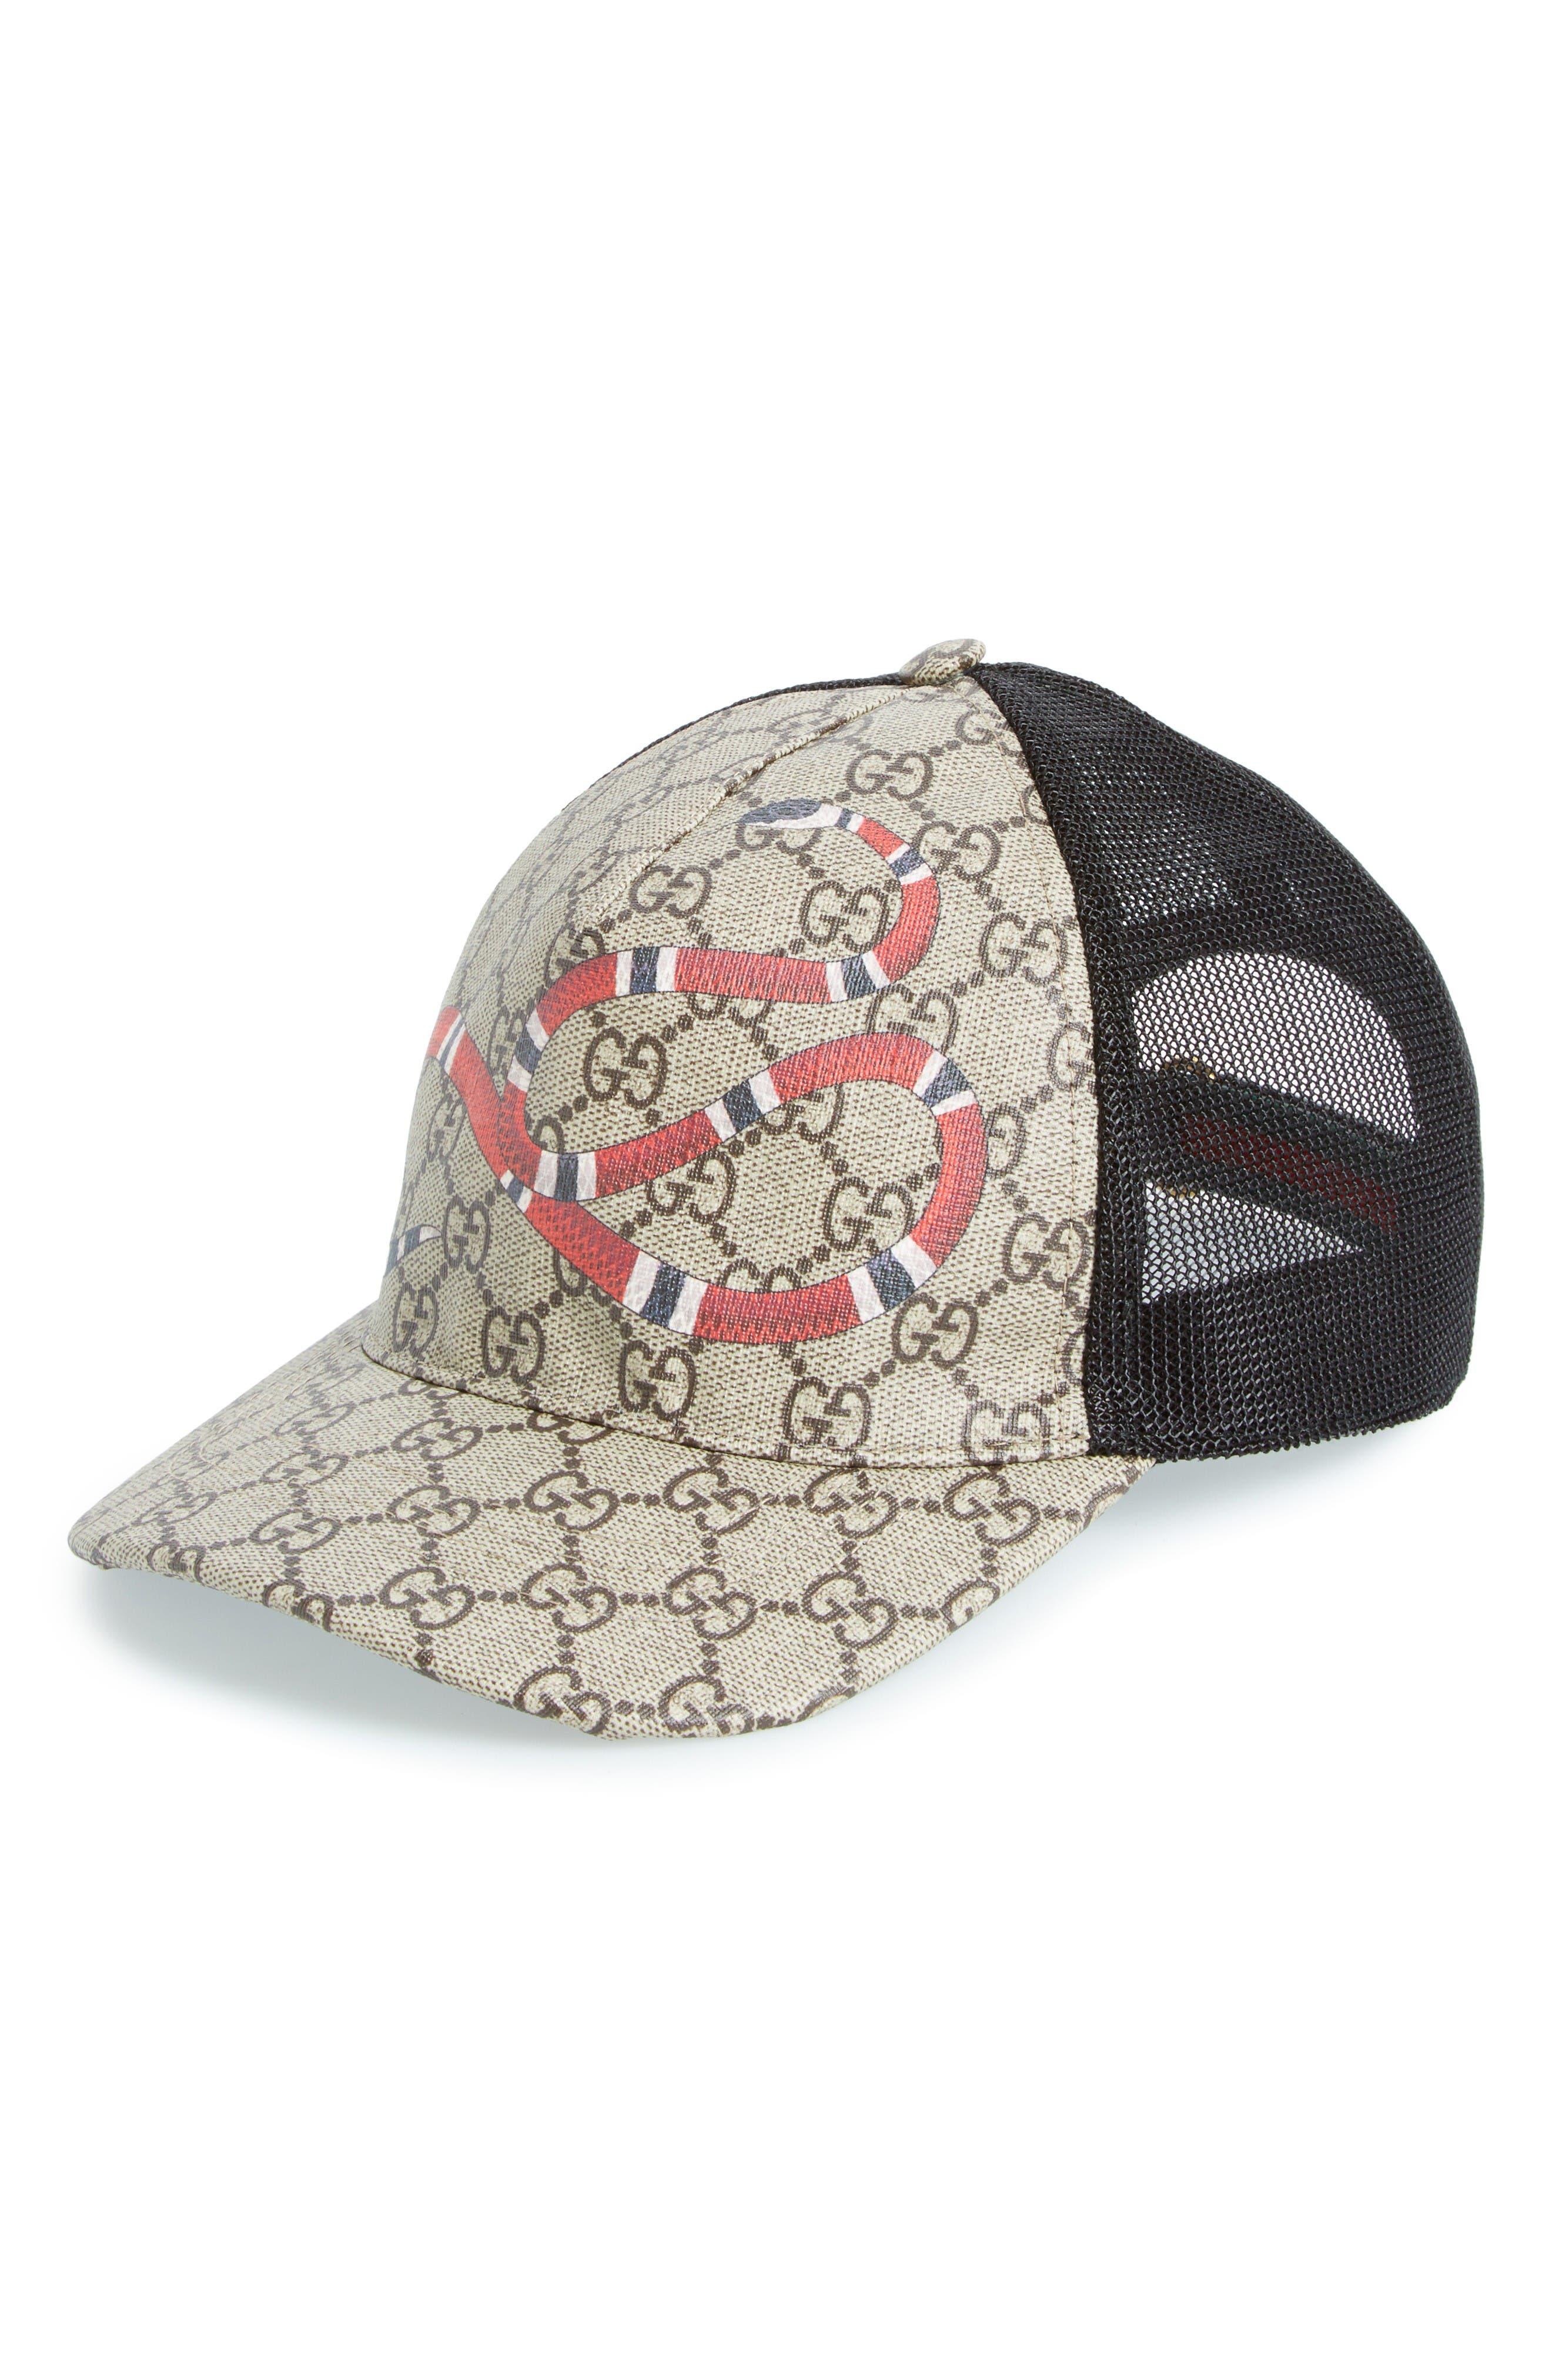 Main Image - Gucci Snake Print Baseball Cap